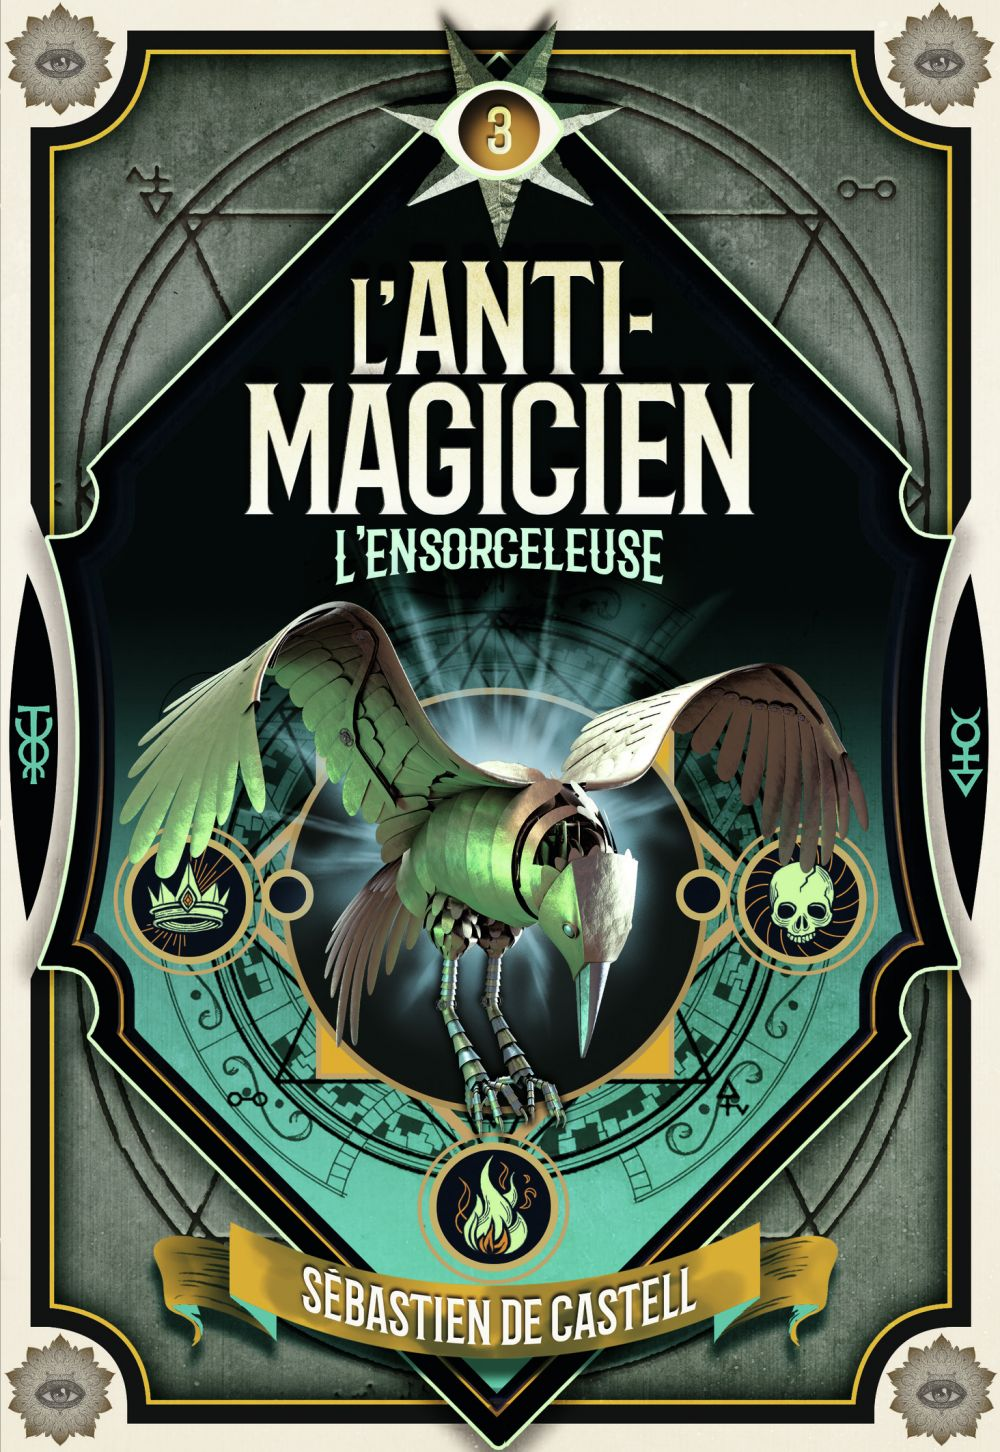 L'Anti-Magicien (Tome 3) - L'Ensorceleuse | Castell, Sébastien de